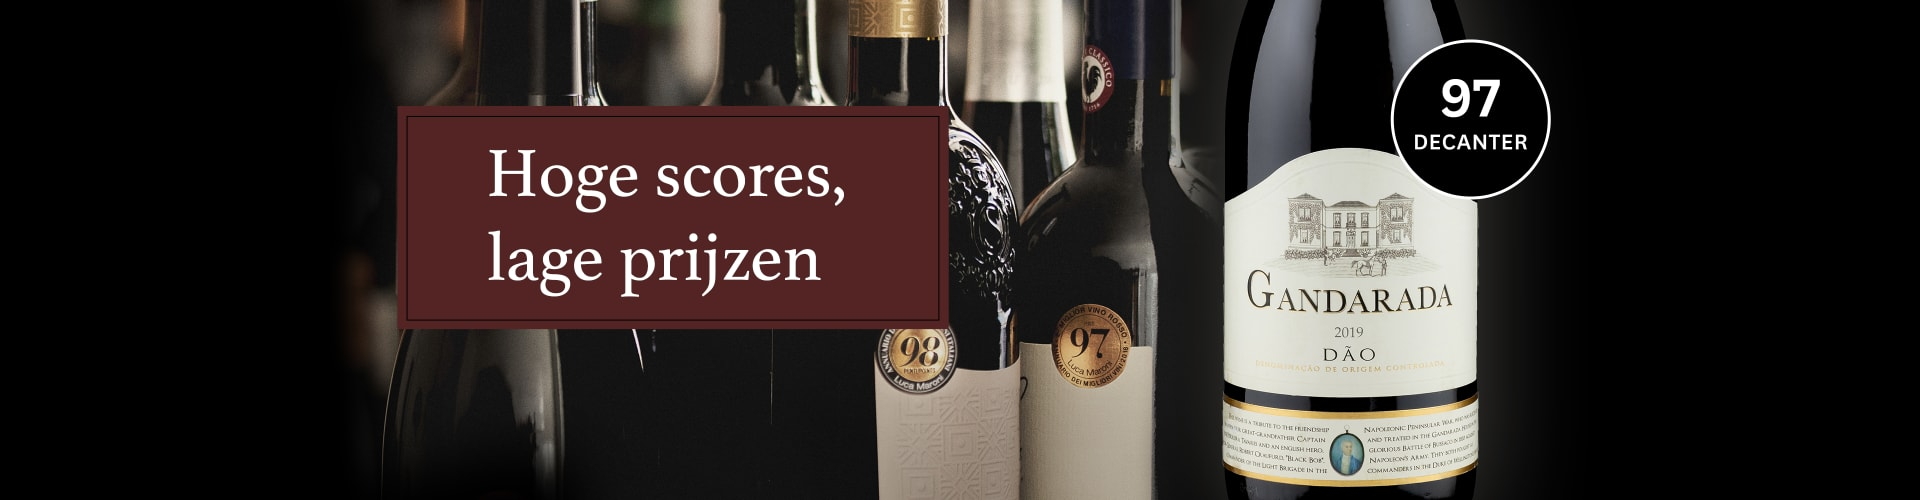 Wijnflessen uit onze 'Hoge Scores, Lage Prijzen' campagne